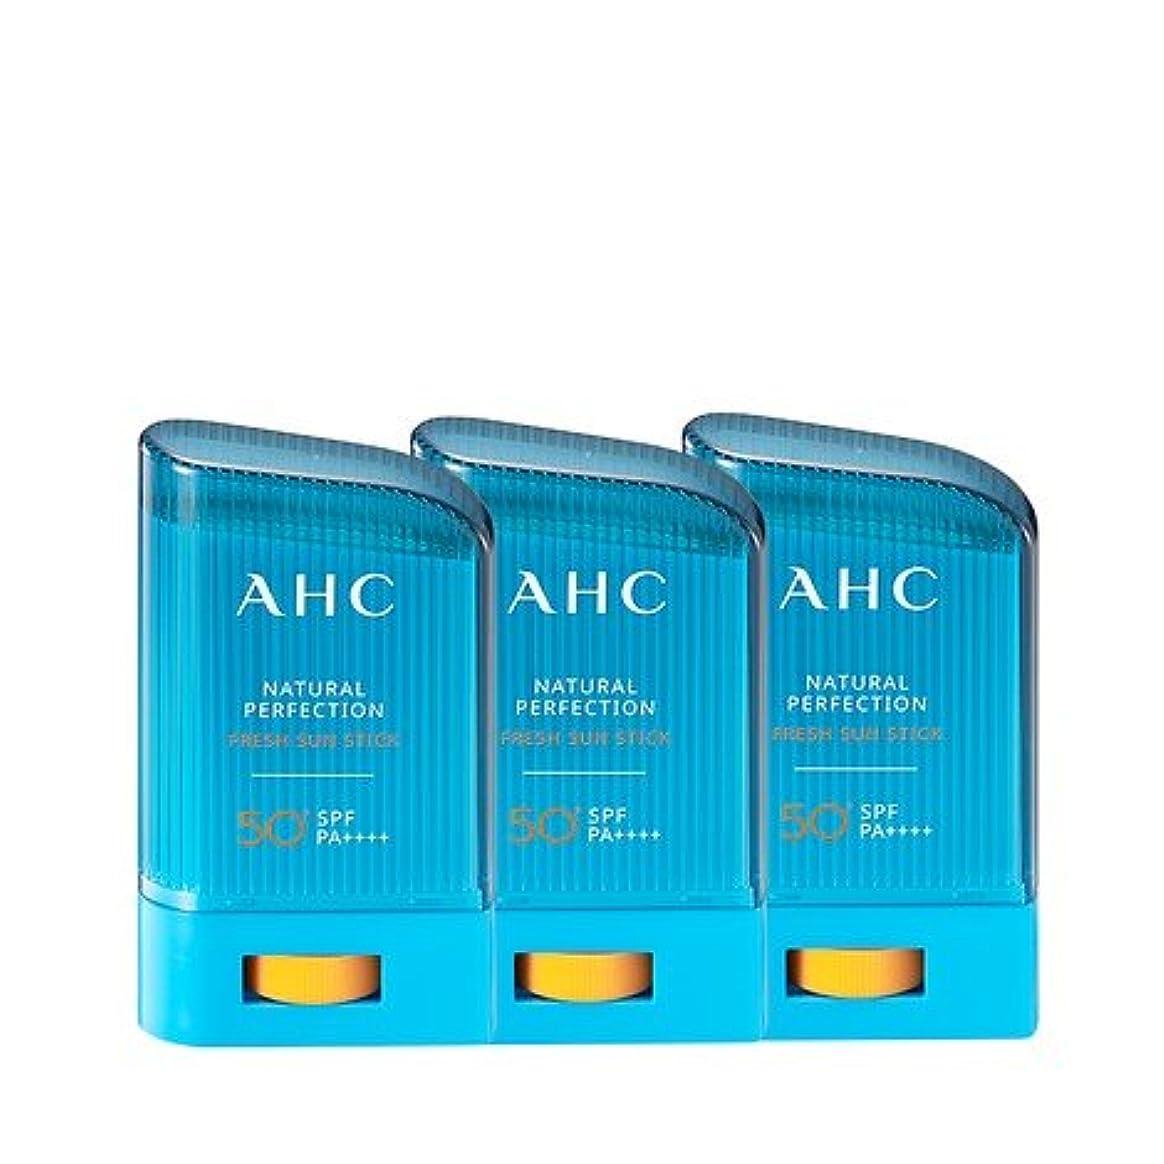 事務所動かす野球AHC Natural perfection fresh sun stick 14g× 3個 ナチュラルパーフェクション フレッシュサンスティック [並行輸入品]